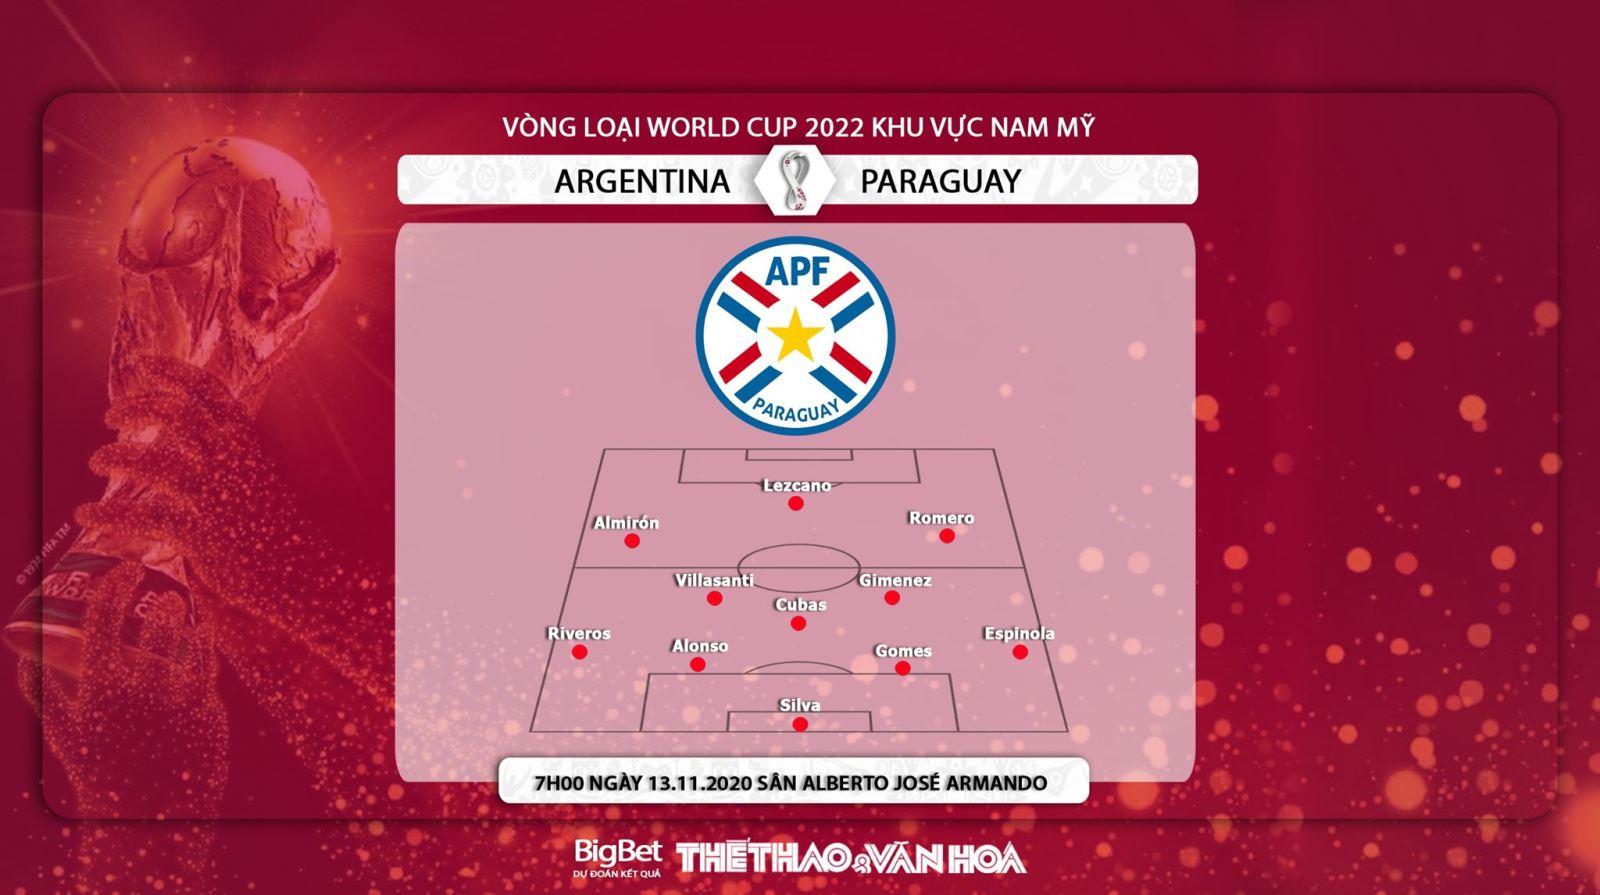 Keo nha cai. Kèo nhà cái. Argentina vs Paraguay. Trực tiếp bóng đá. Vòng loại World Cup. Kèo Argentina đấu với Paraguay. Keo bong da. Tin tức bóng đá hôm nay